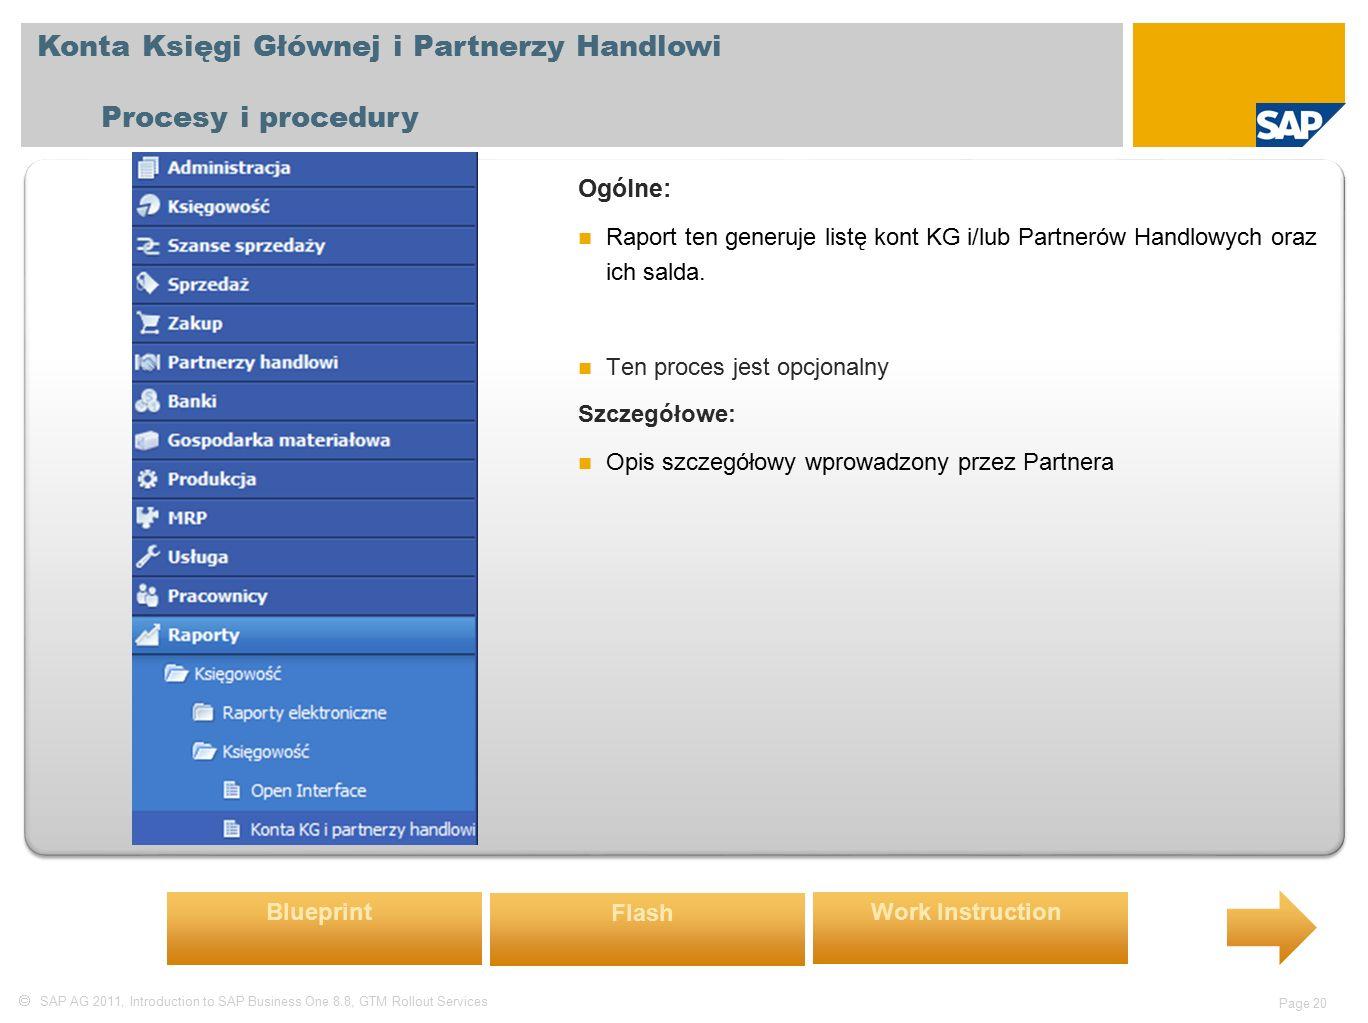  SAP AG 2011, Introduction to SAP Business One 8.8, GTM Rollout Services Page 20 Konta Księgi Głównej i Partnerzy Handlowi Procesy i procedury Ogólne: Raport ten generuje listę kont KG i/lub Partnerów Handlowych oraz ich salda.